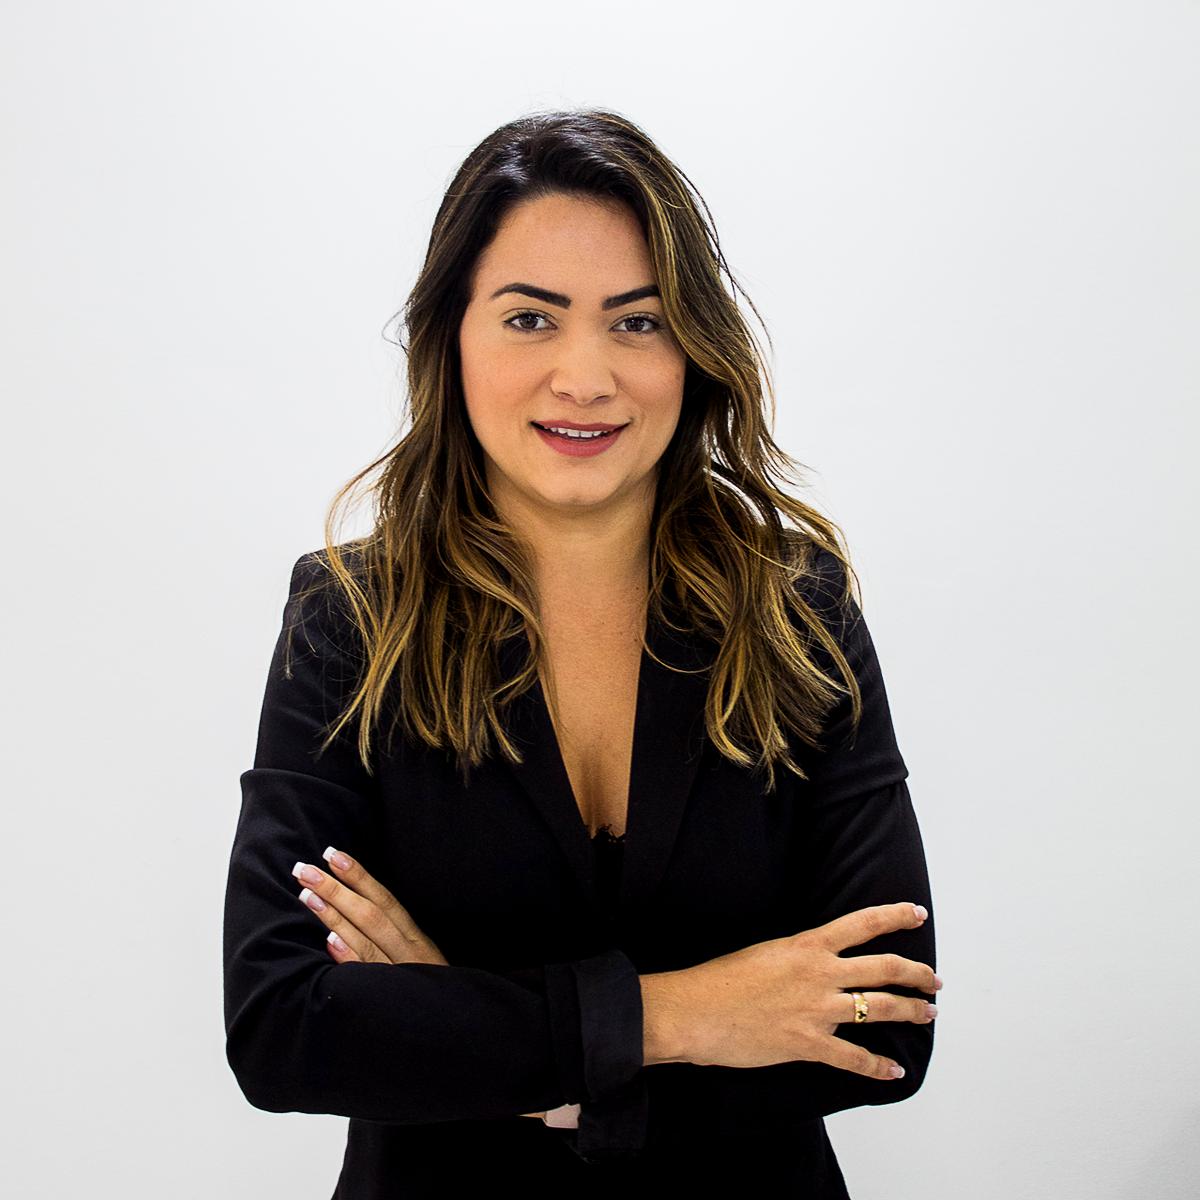 Maria Freitas